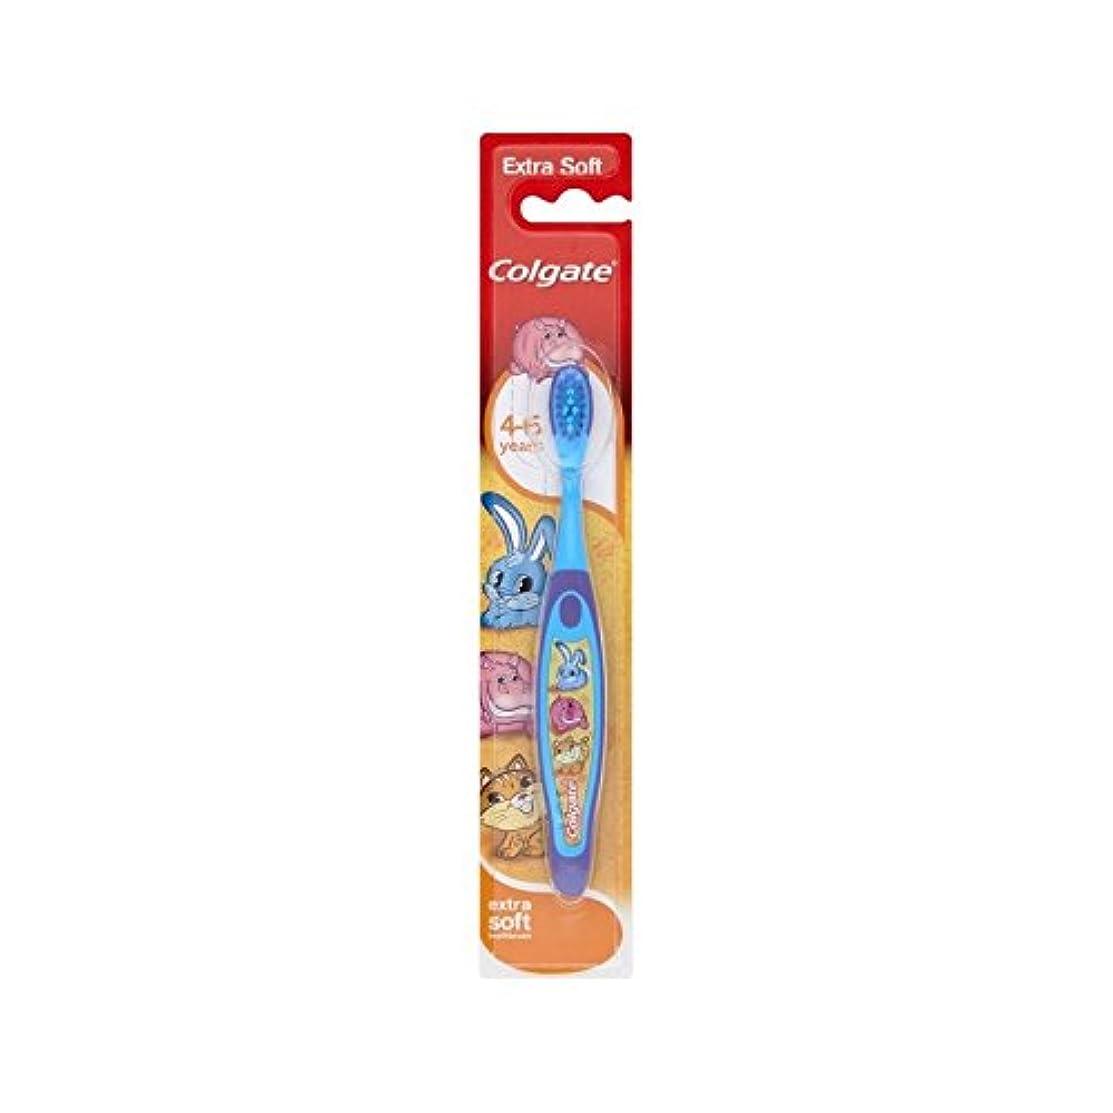 スイッチくびれたパリティ4-6歳の歯ブラシを笑顔 (Colgate) - Colgate Smiles 4-6 Years Old Toothbrush [並行輸入品]